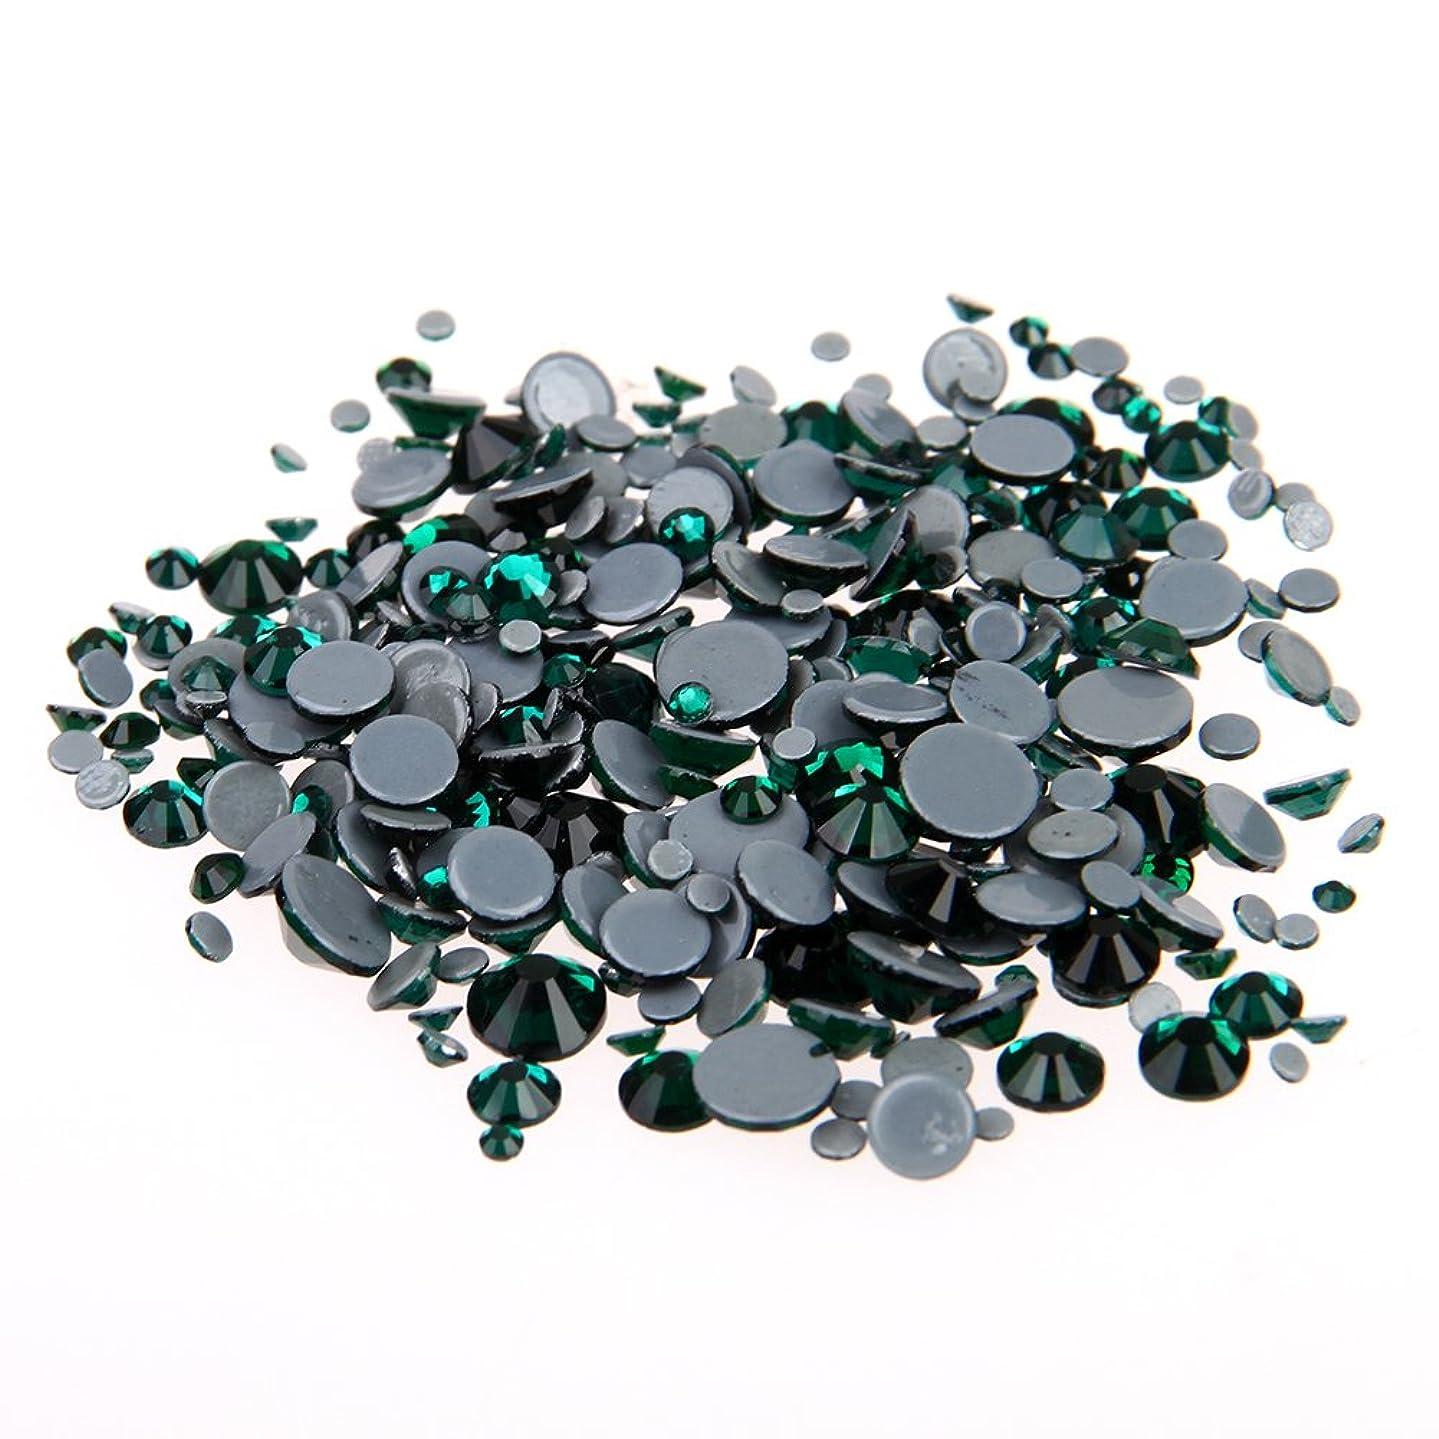 タウポ湖毒液明確にNizi ジュエリー ブランド エメラルド ホットフィックスラインストーン は ガラスの材質 衣類 ネイル使用 型番ss6-ss30 (混合サイズ 1000pcs)